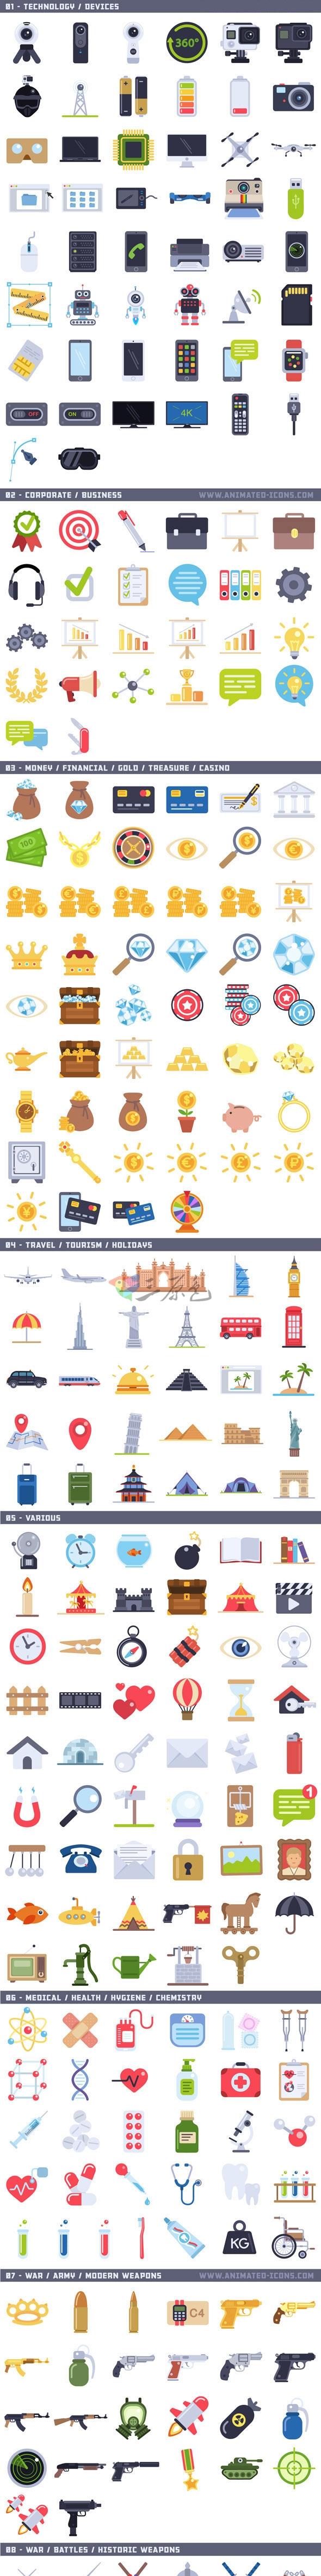 AE模板/素材 1000多个卡通元素平面图标动画工具包 Flat Animated Ae 模板-第2张